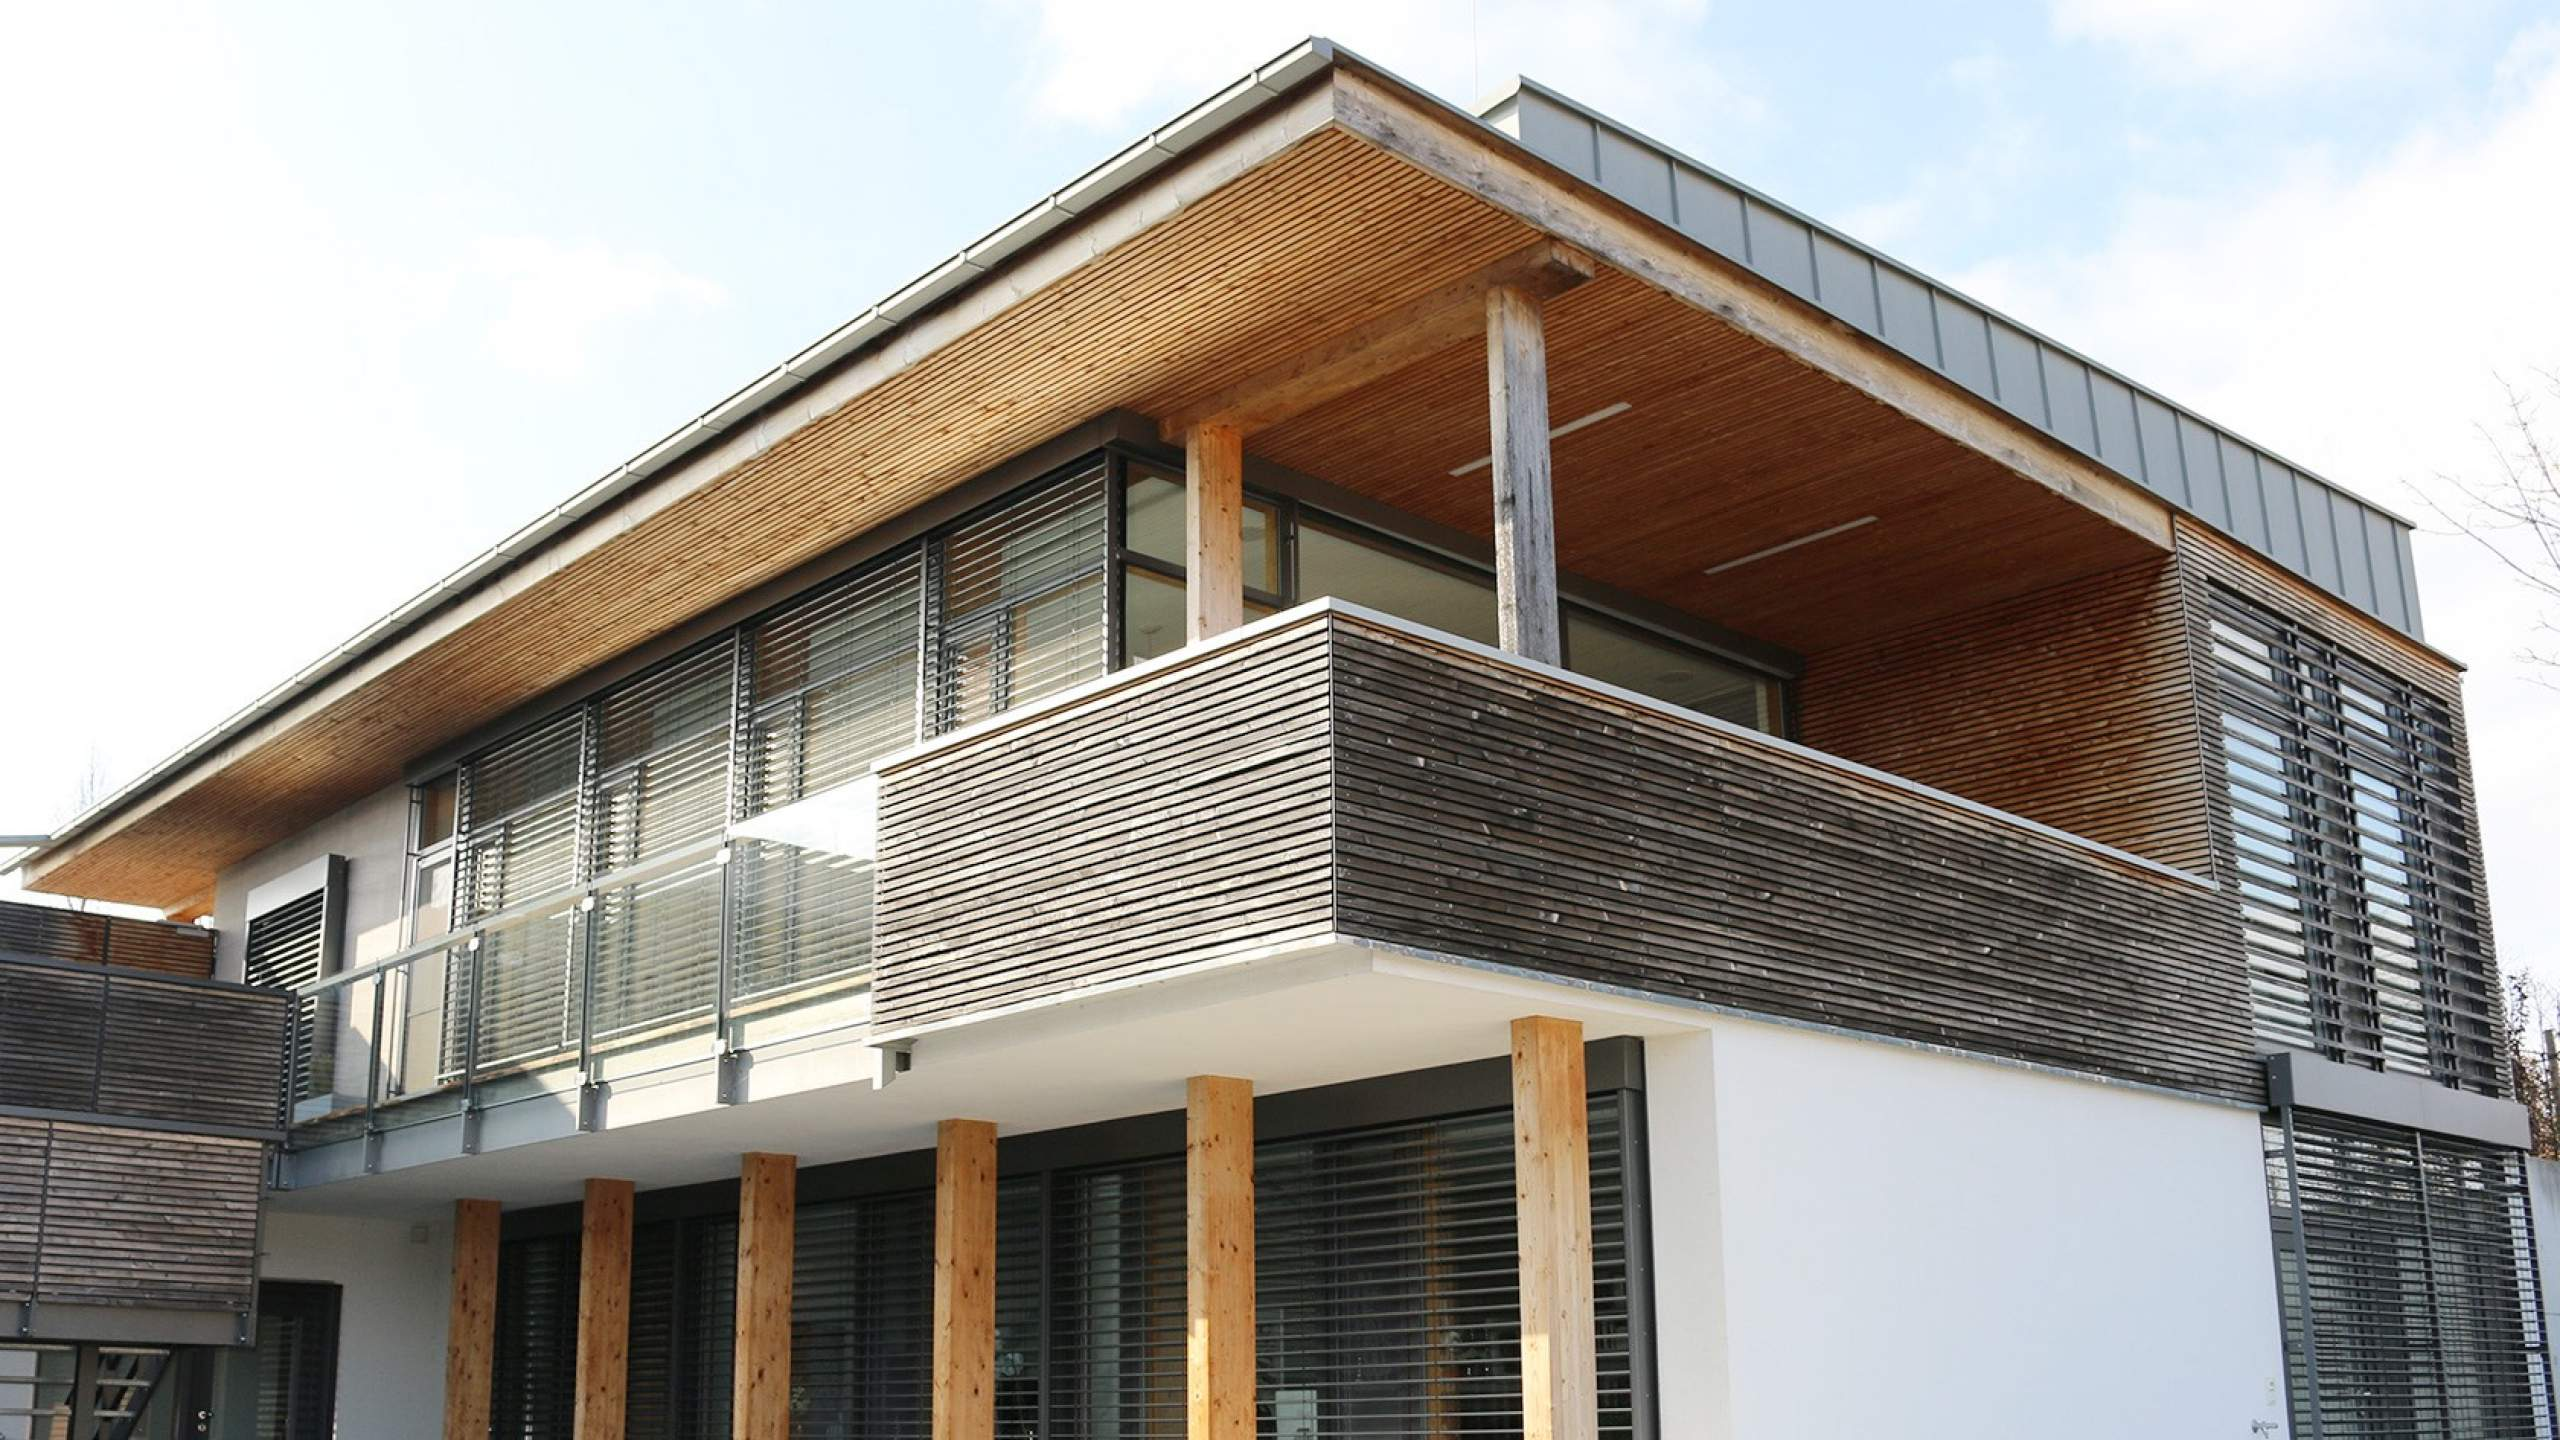 Einfamilienwohnhaus mit Holzleisten-Fassade